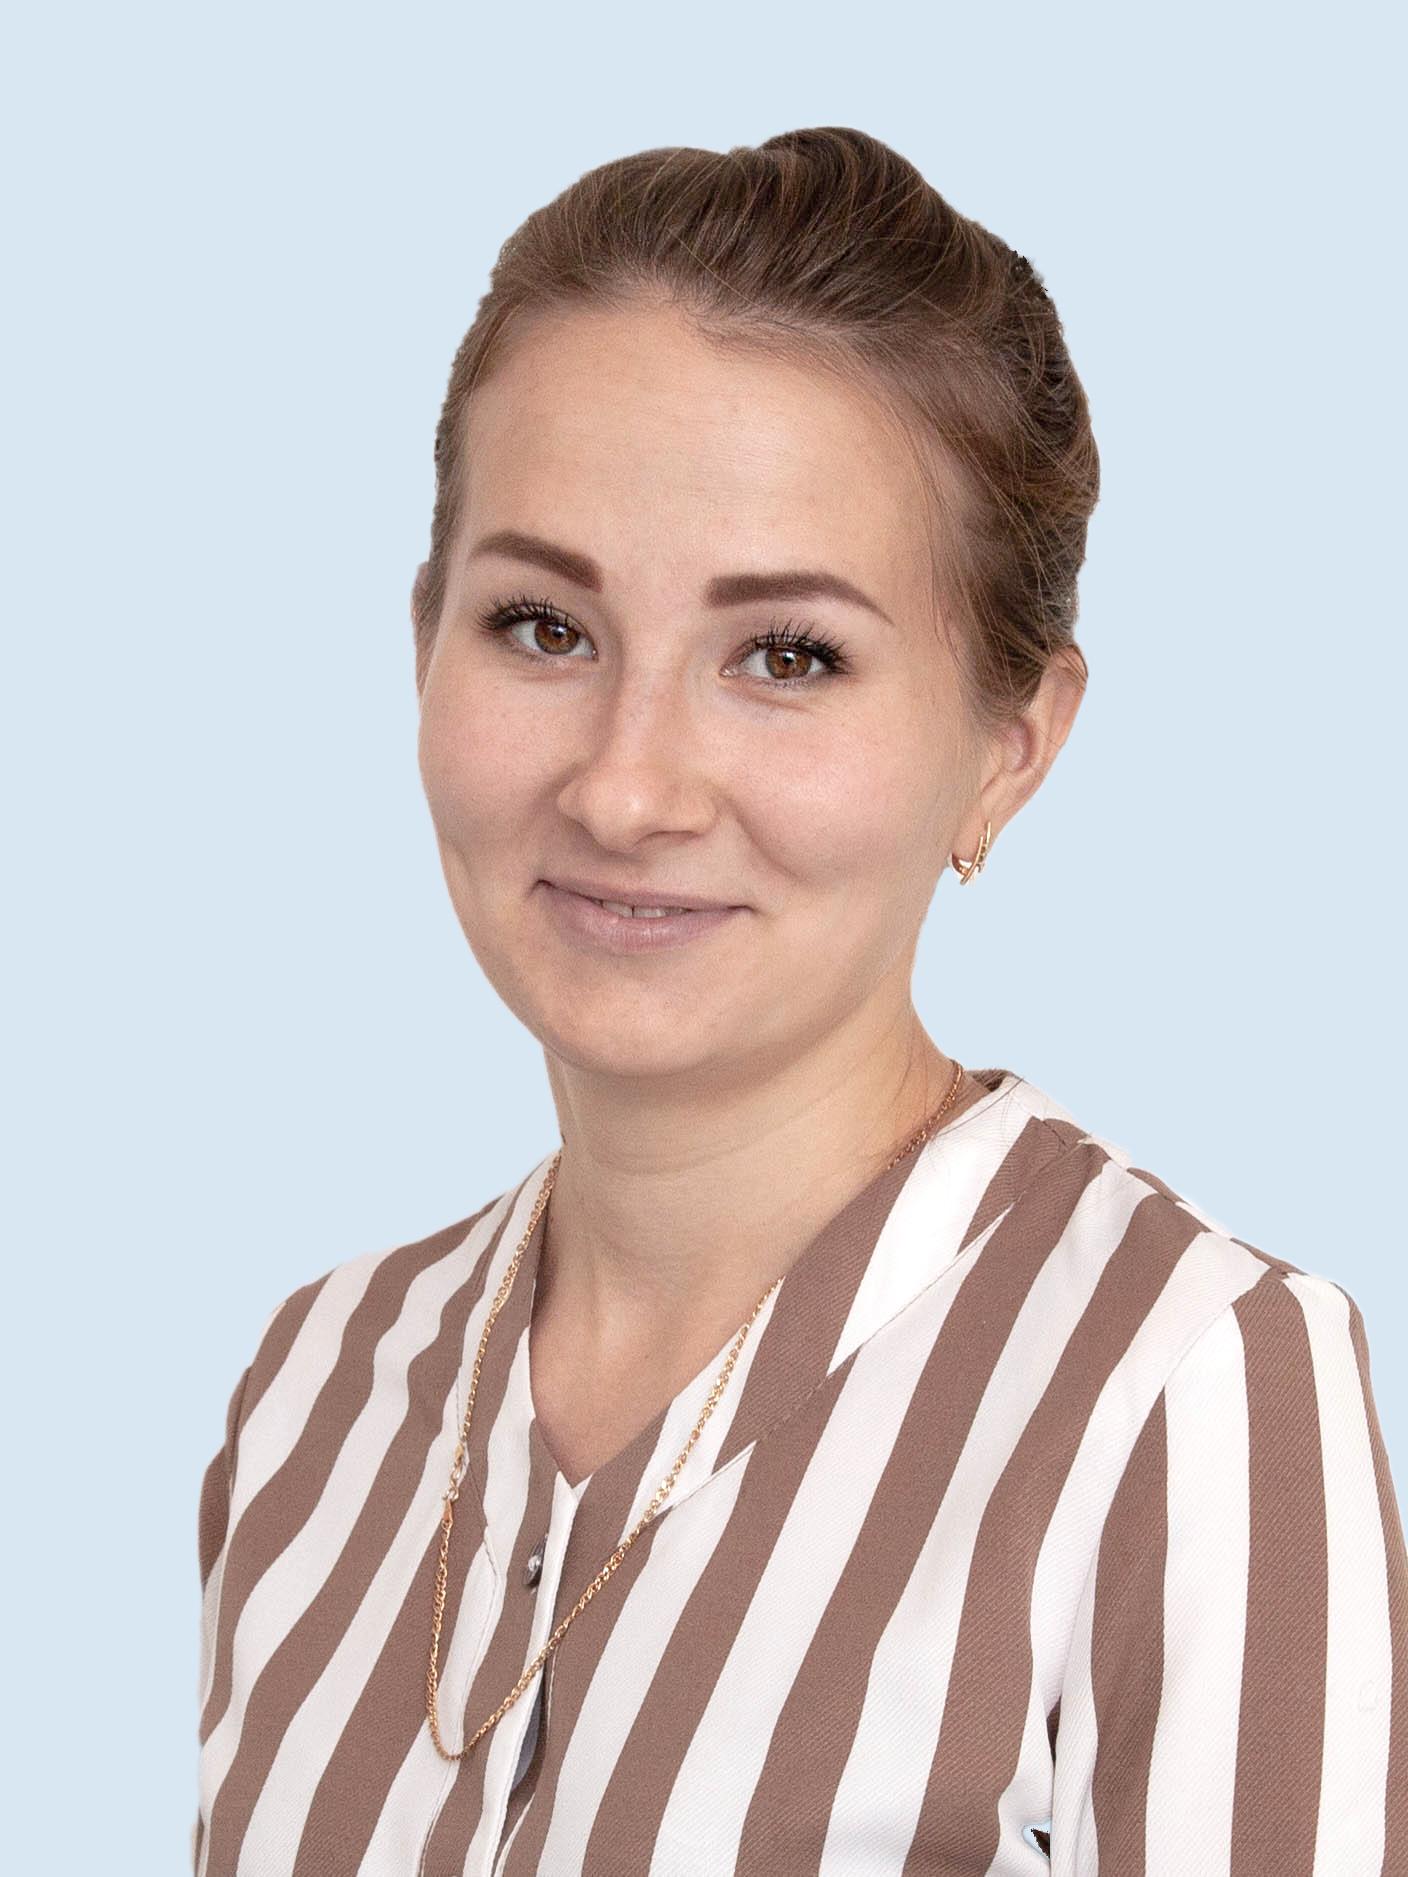 Смолина Регина Рашидовна